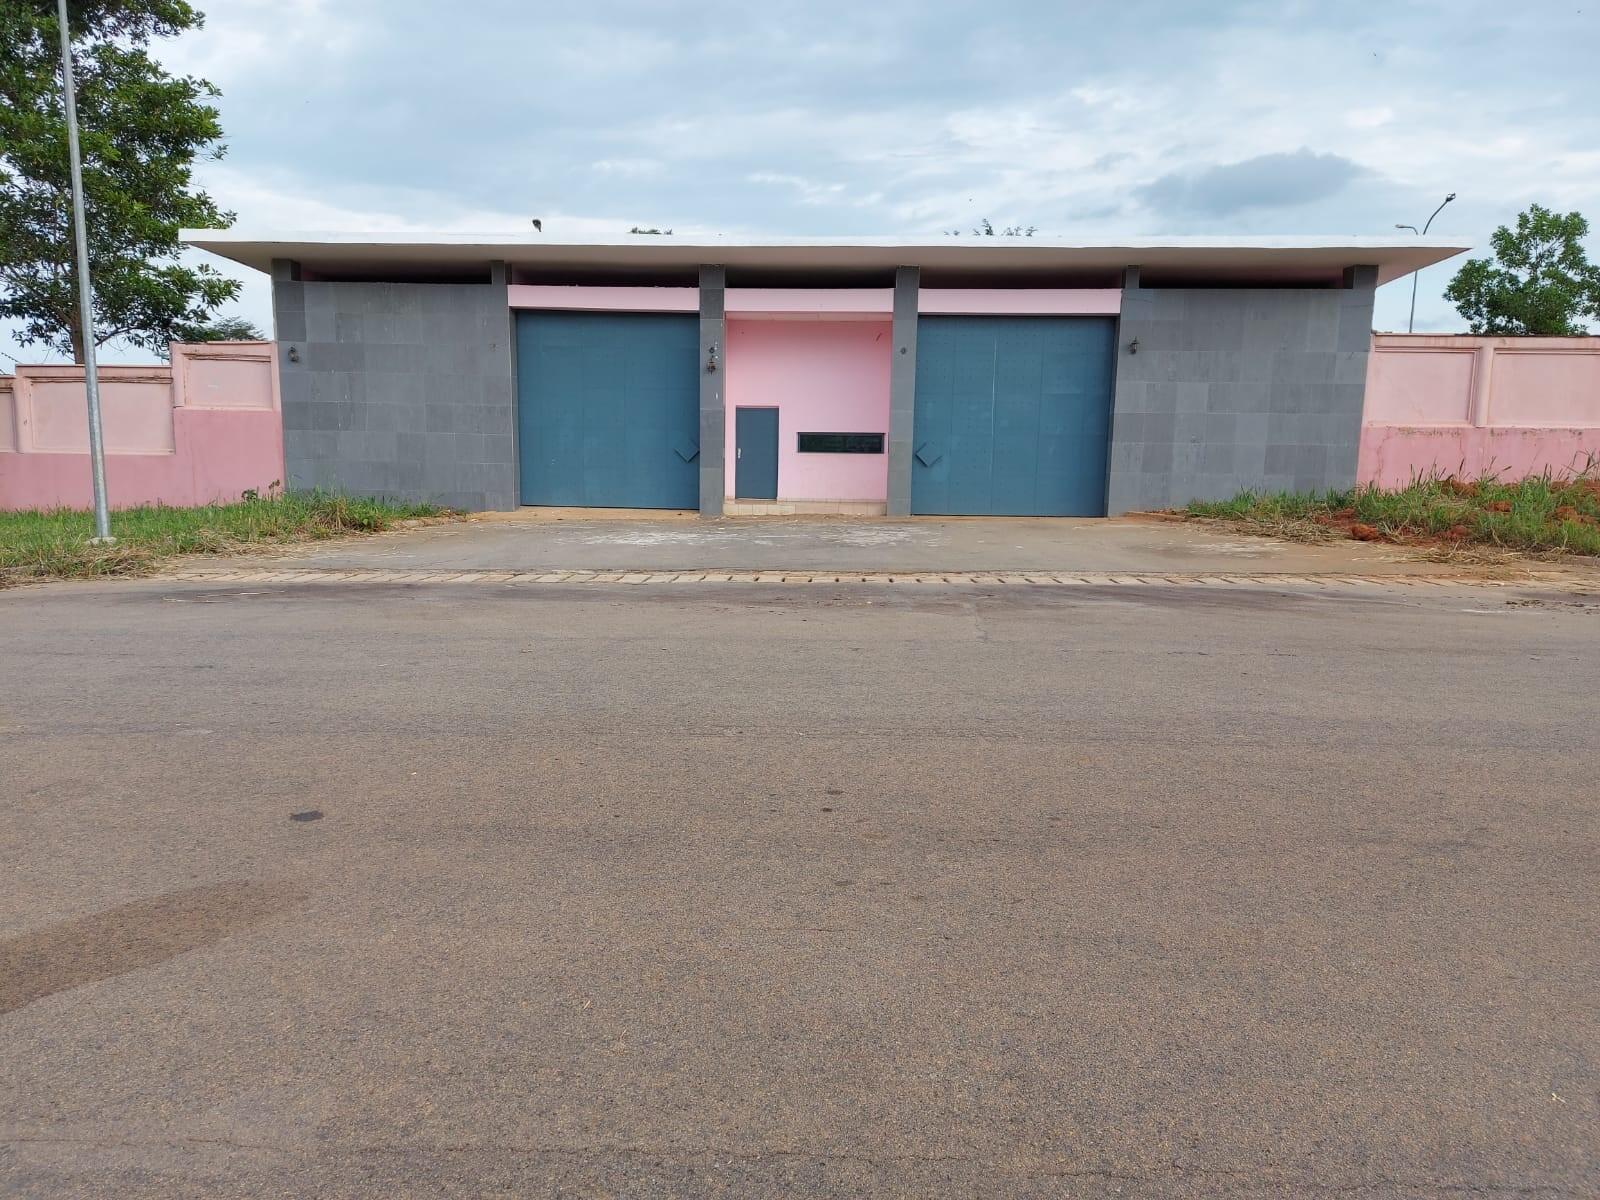 Vue de la résidence de Laurent Gabgbo à Mama, le 14 juin 2021.